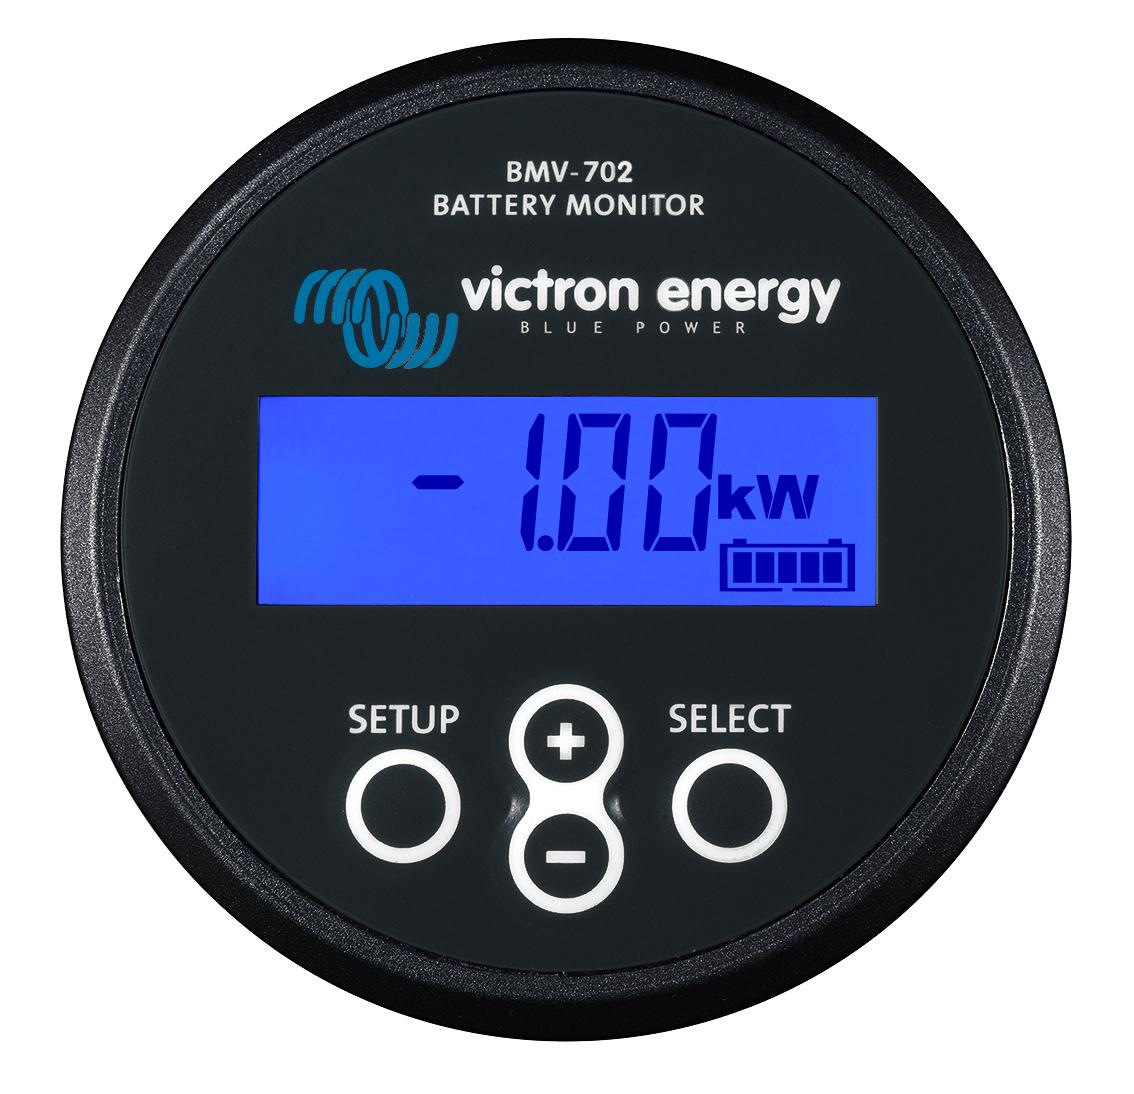 1 Stk Batterie Monitor BMV-702 9-90 VDc PVBE0041--